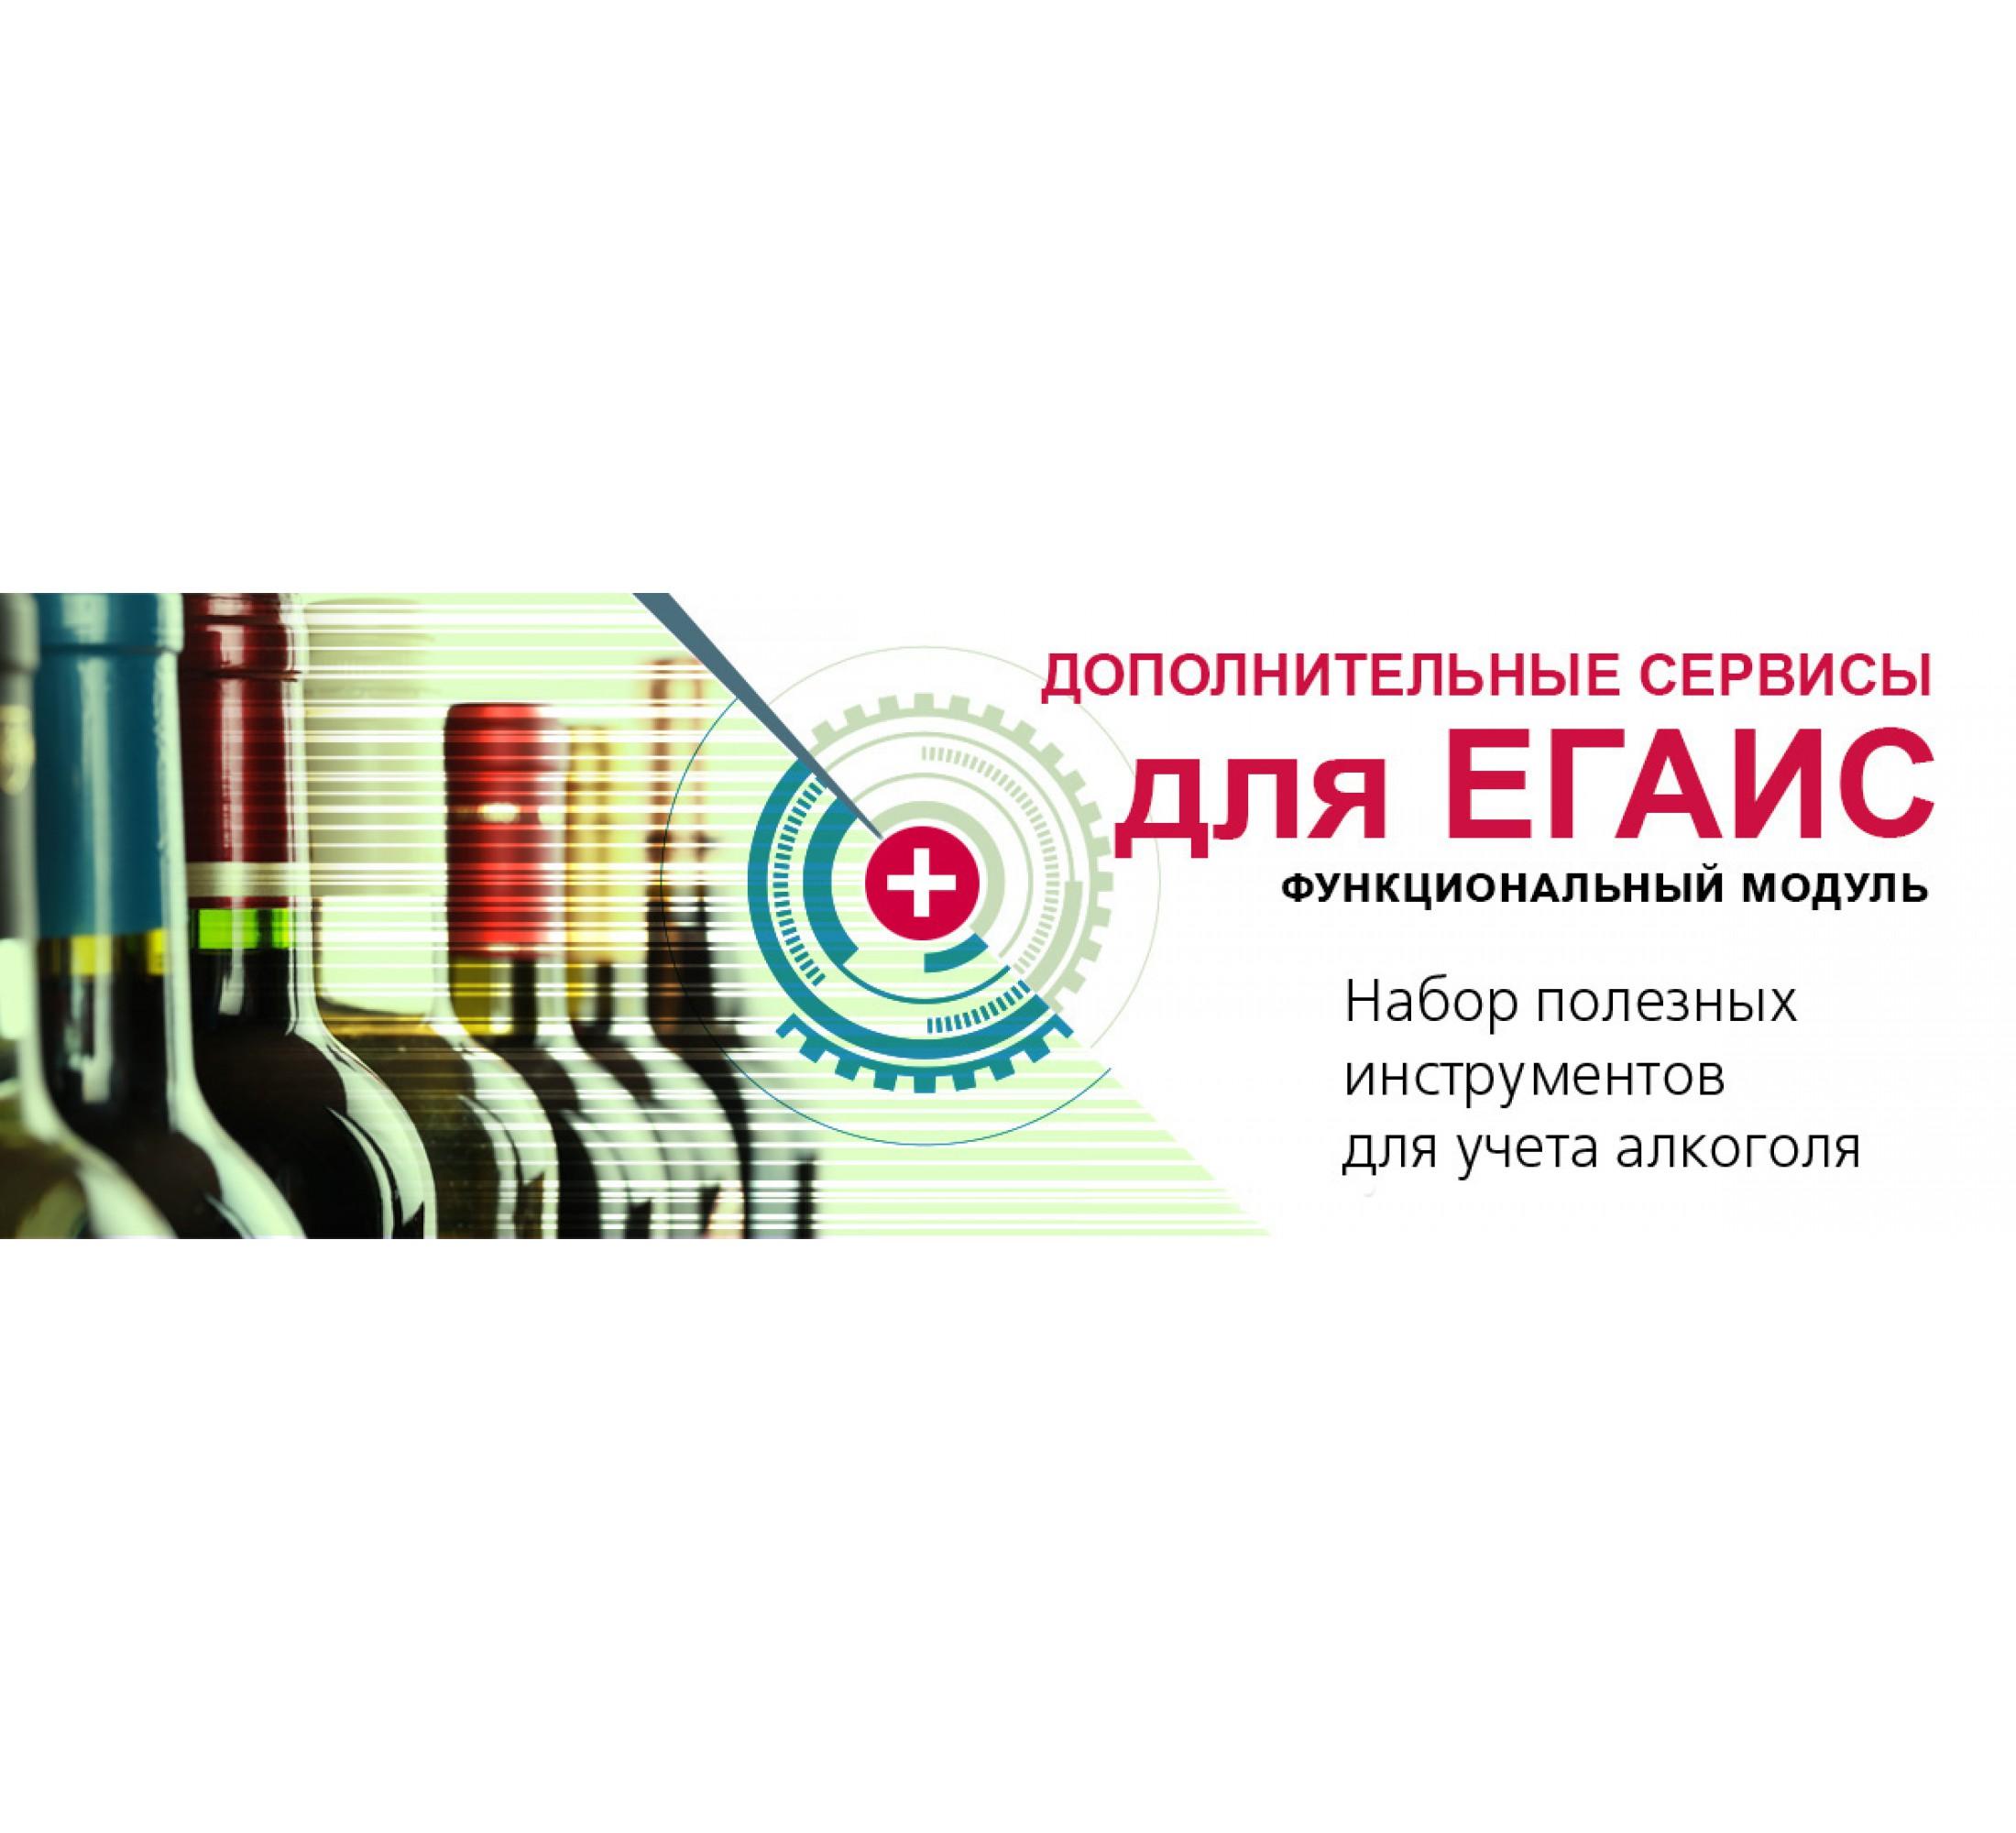 Модуль Дополнительные сервисы для ЕГАИС (ДУМ)